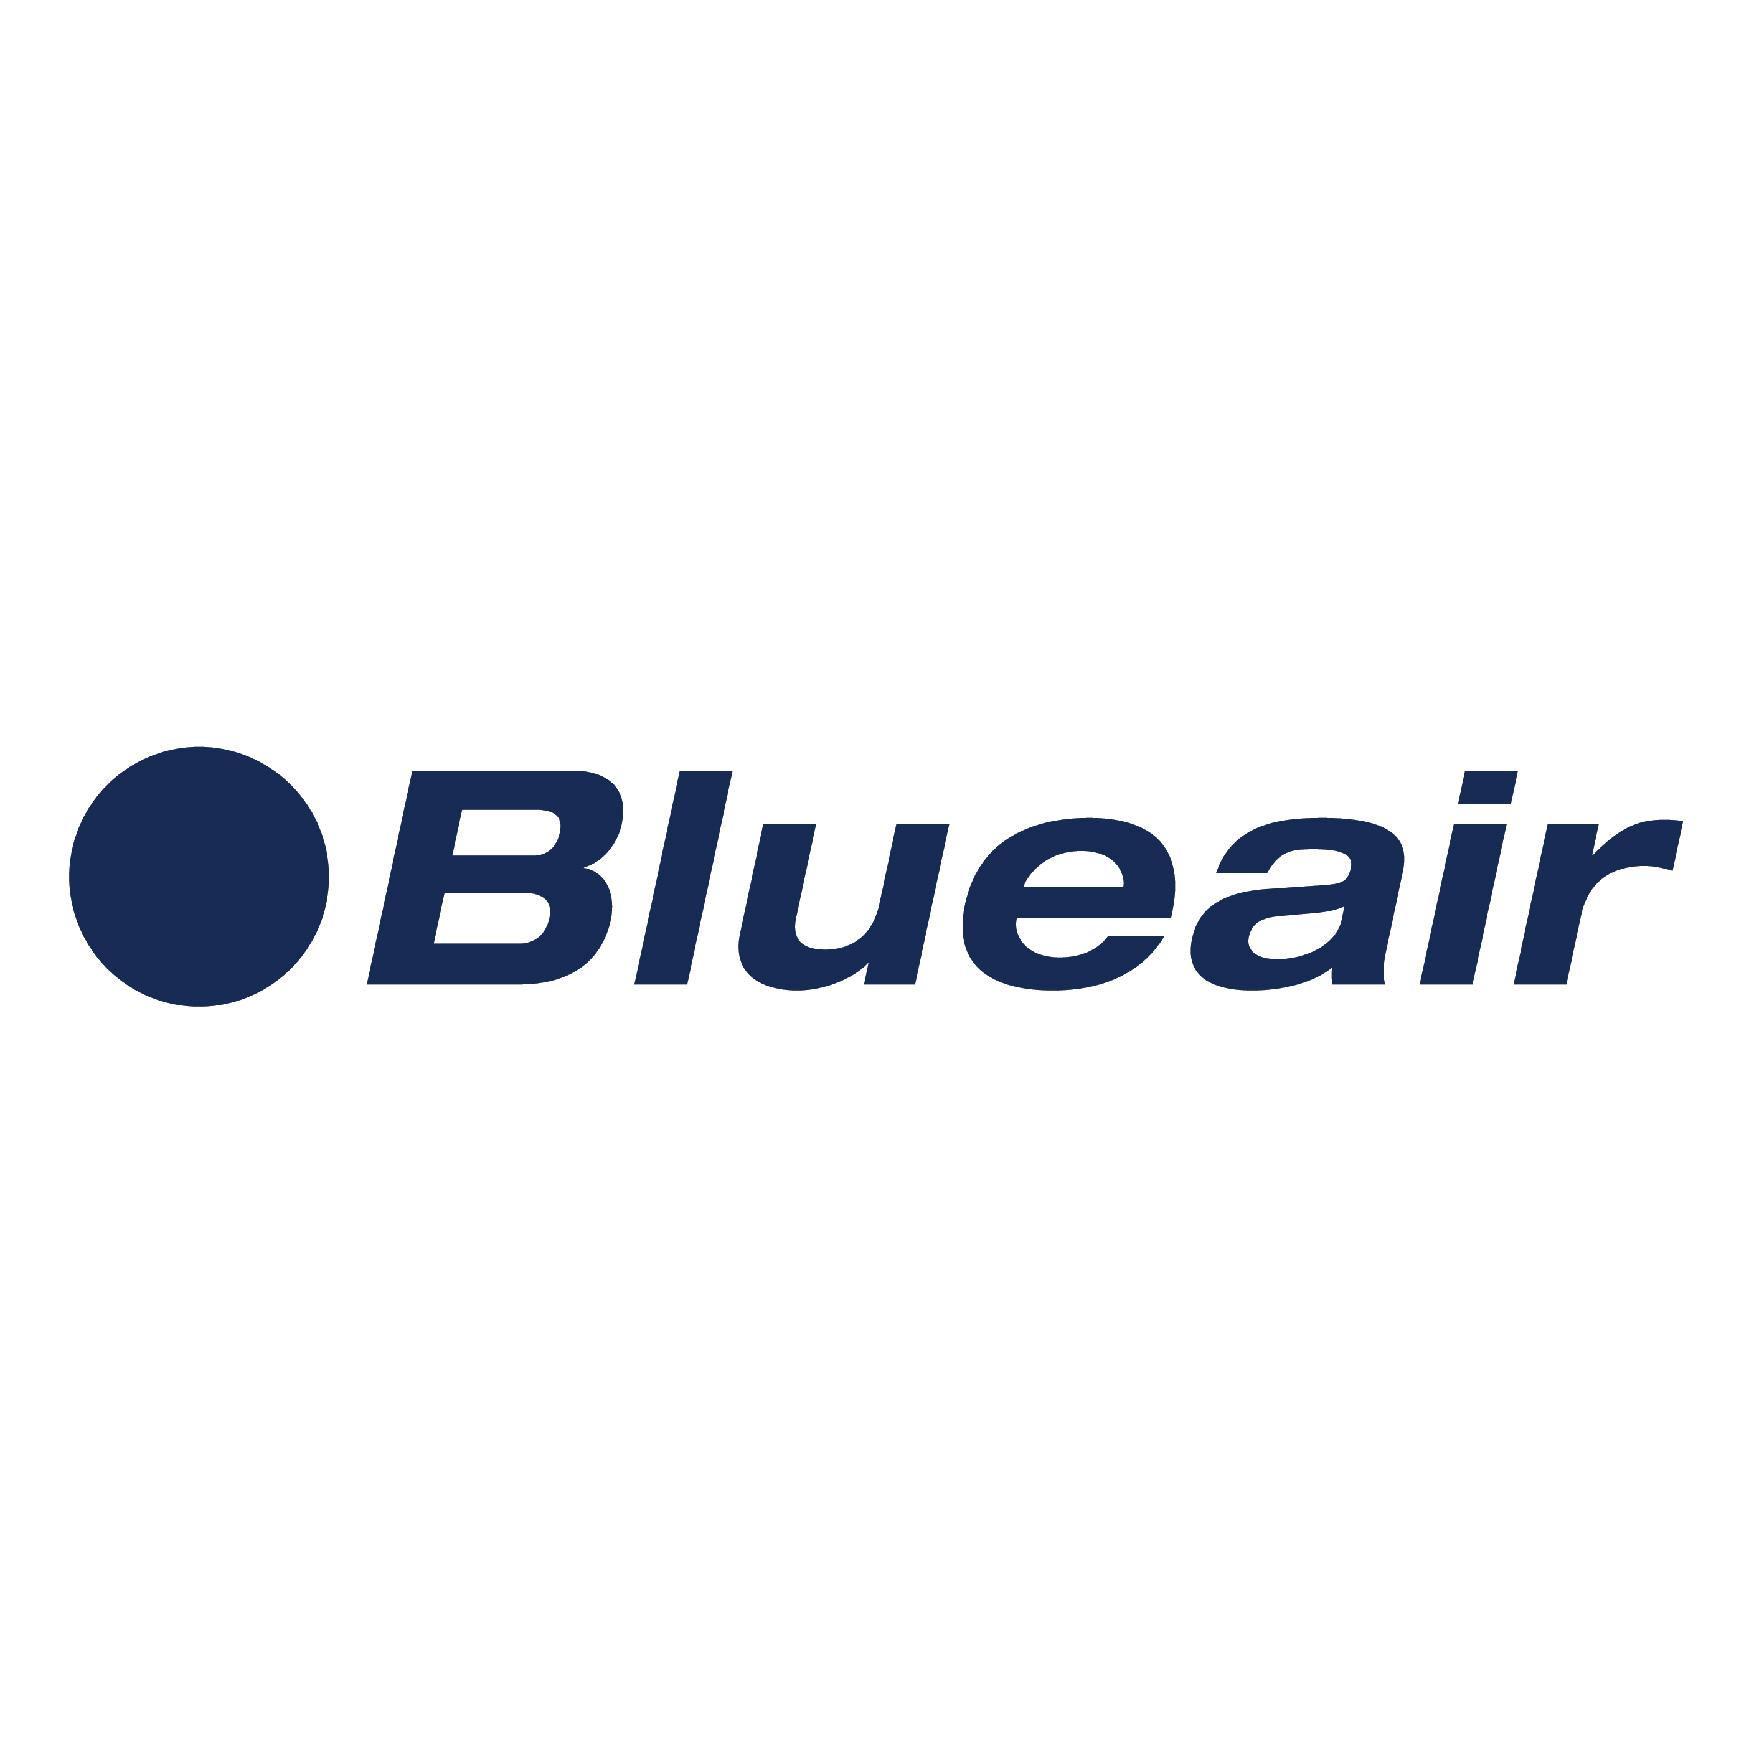 Why Blueair?